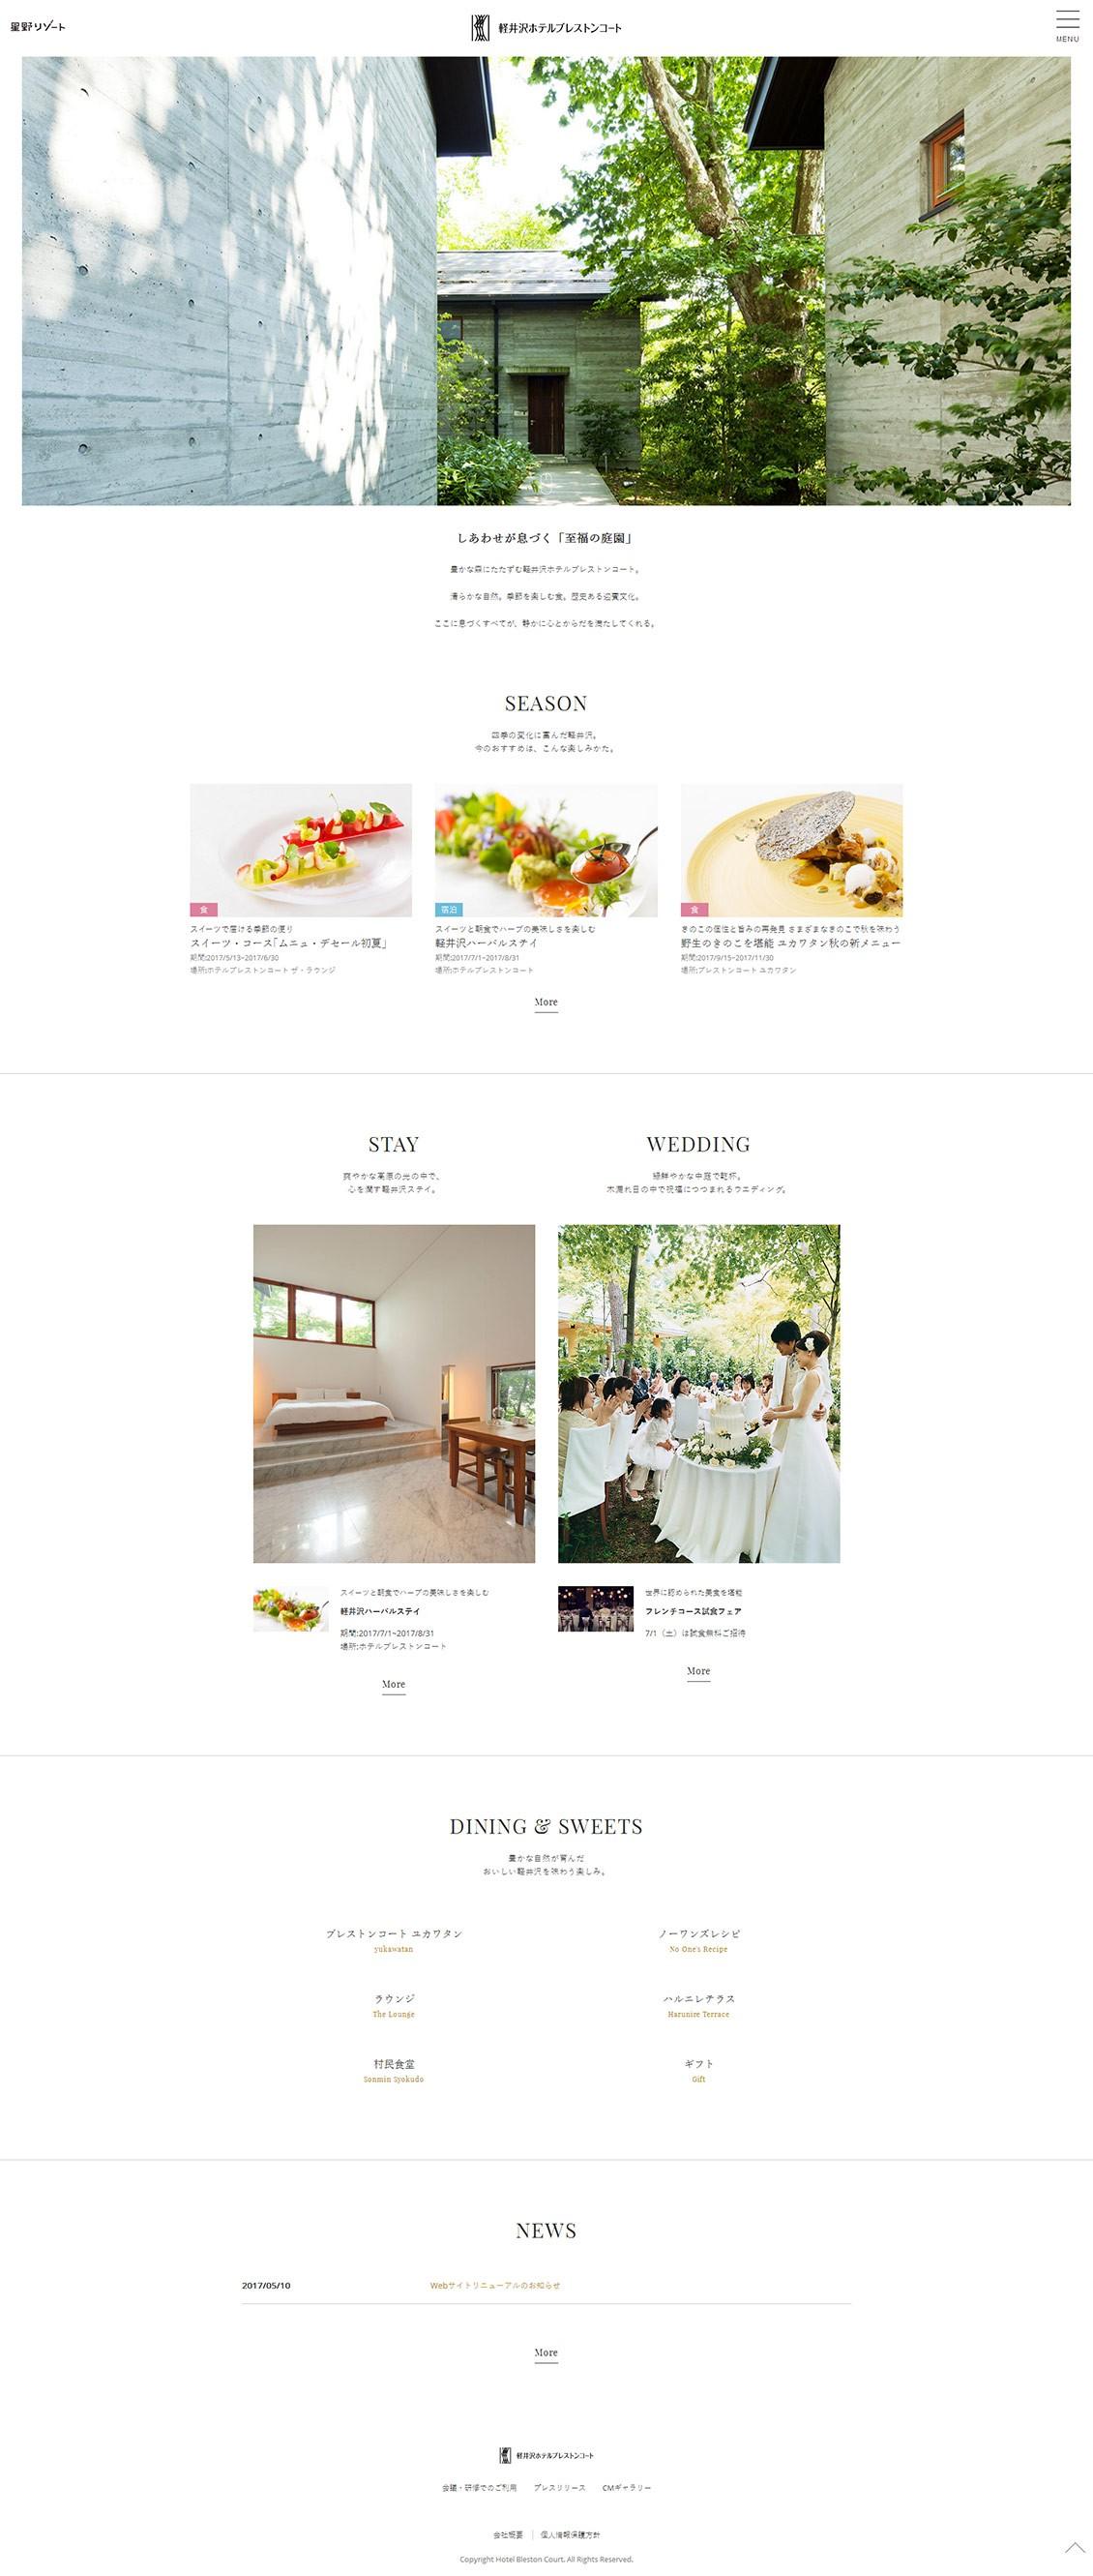 星野区轻井酒店网站设计